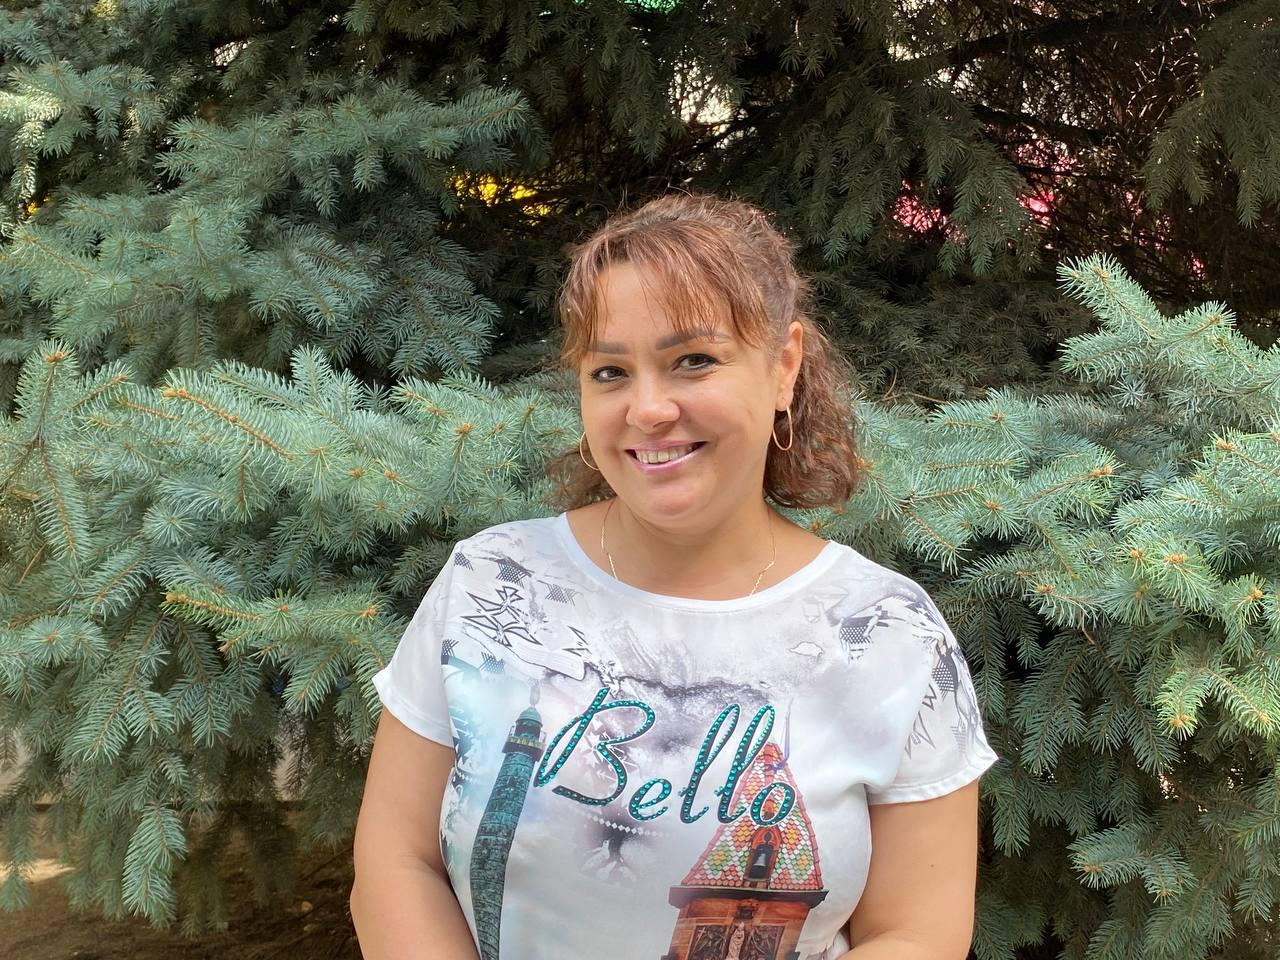 Пенкина Валентина Сергеевна - Учитель начальных классов.